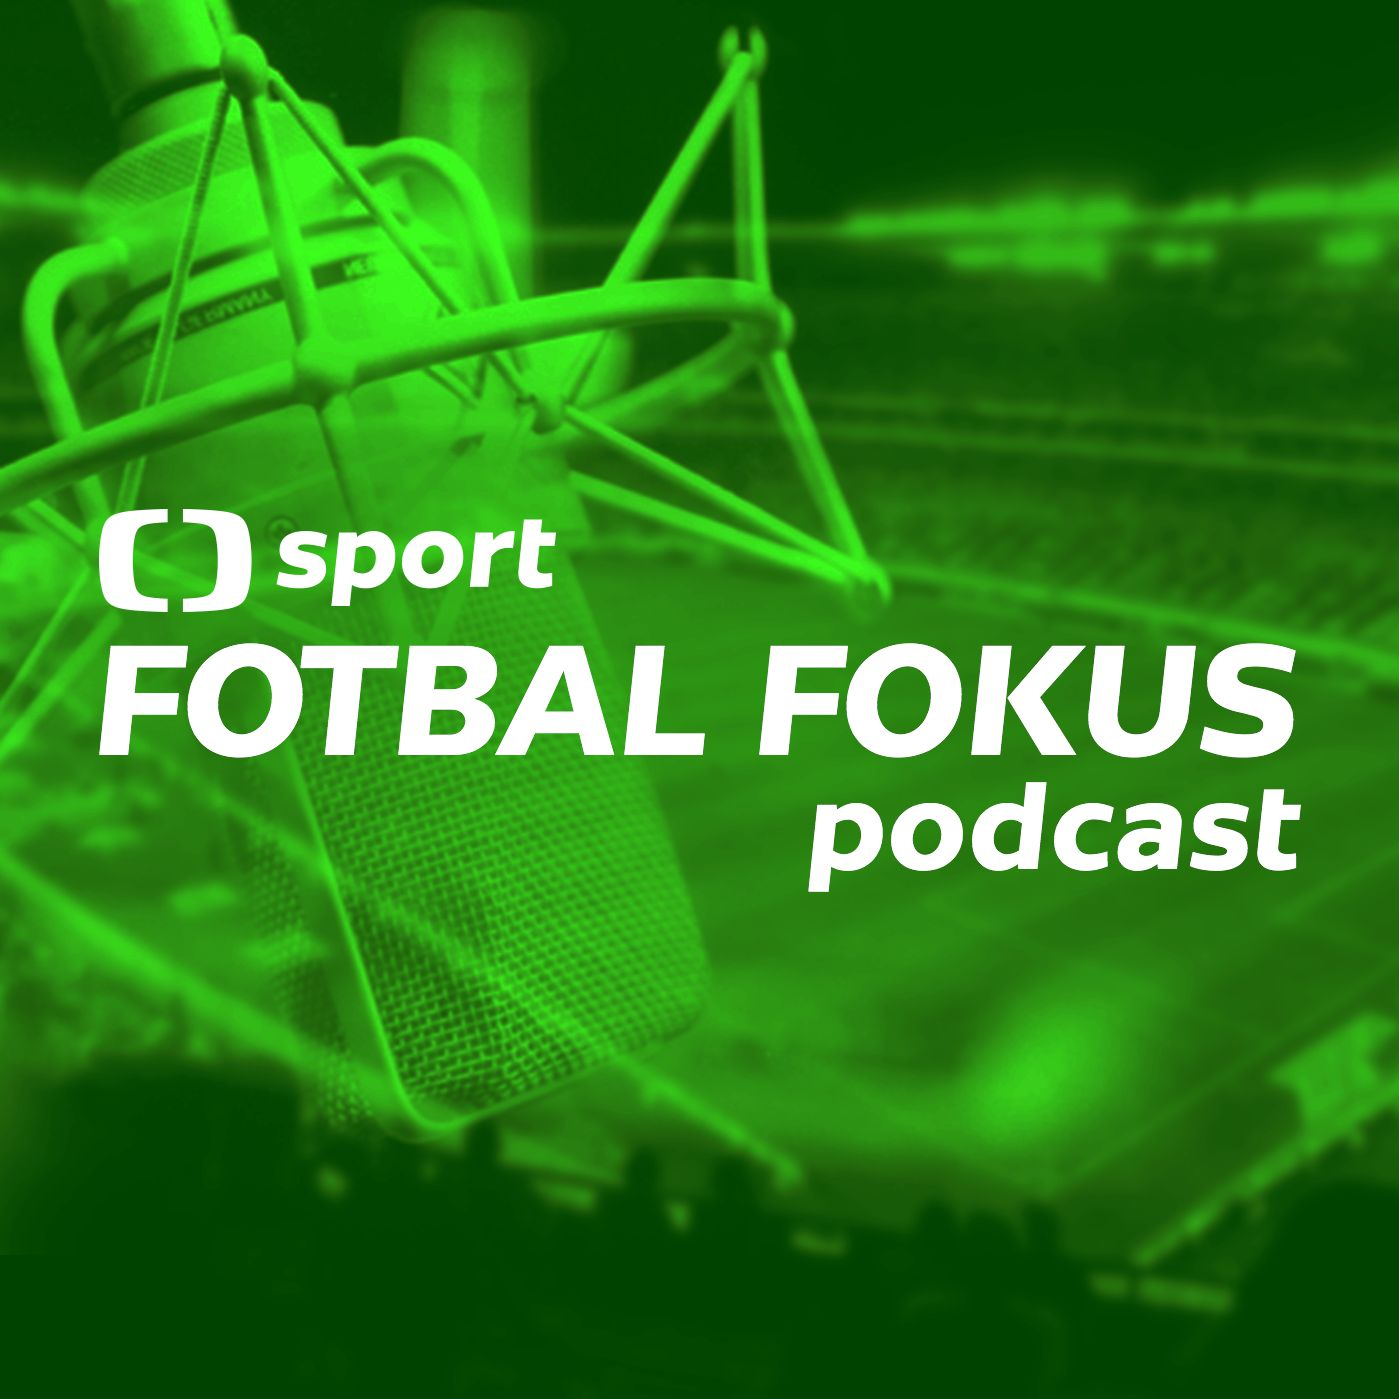 Fotbal fokus podcast: Co musí Slavia udělat pro postup přes APOEL do Ligy mistrů?